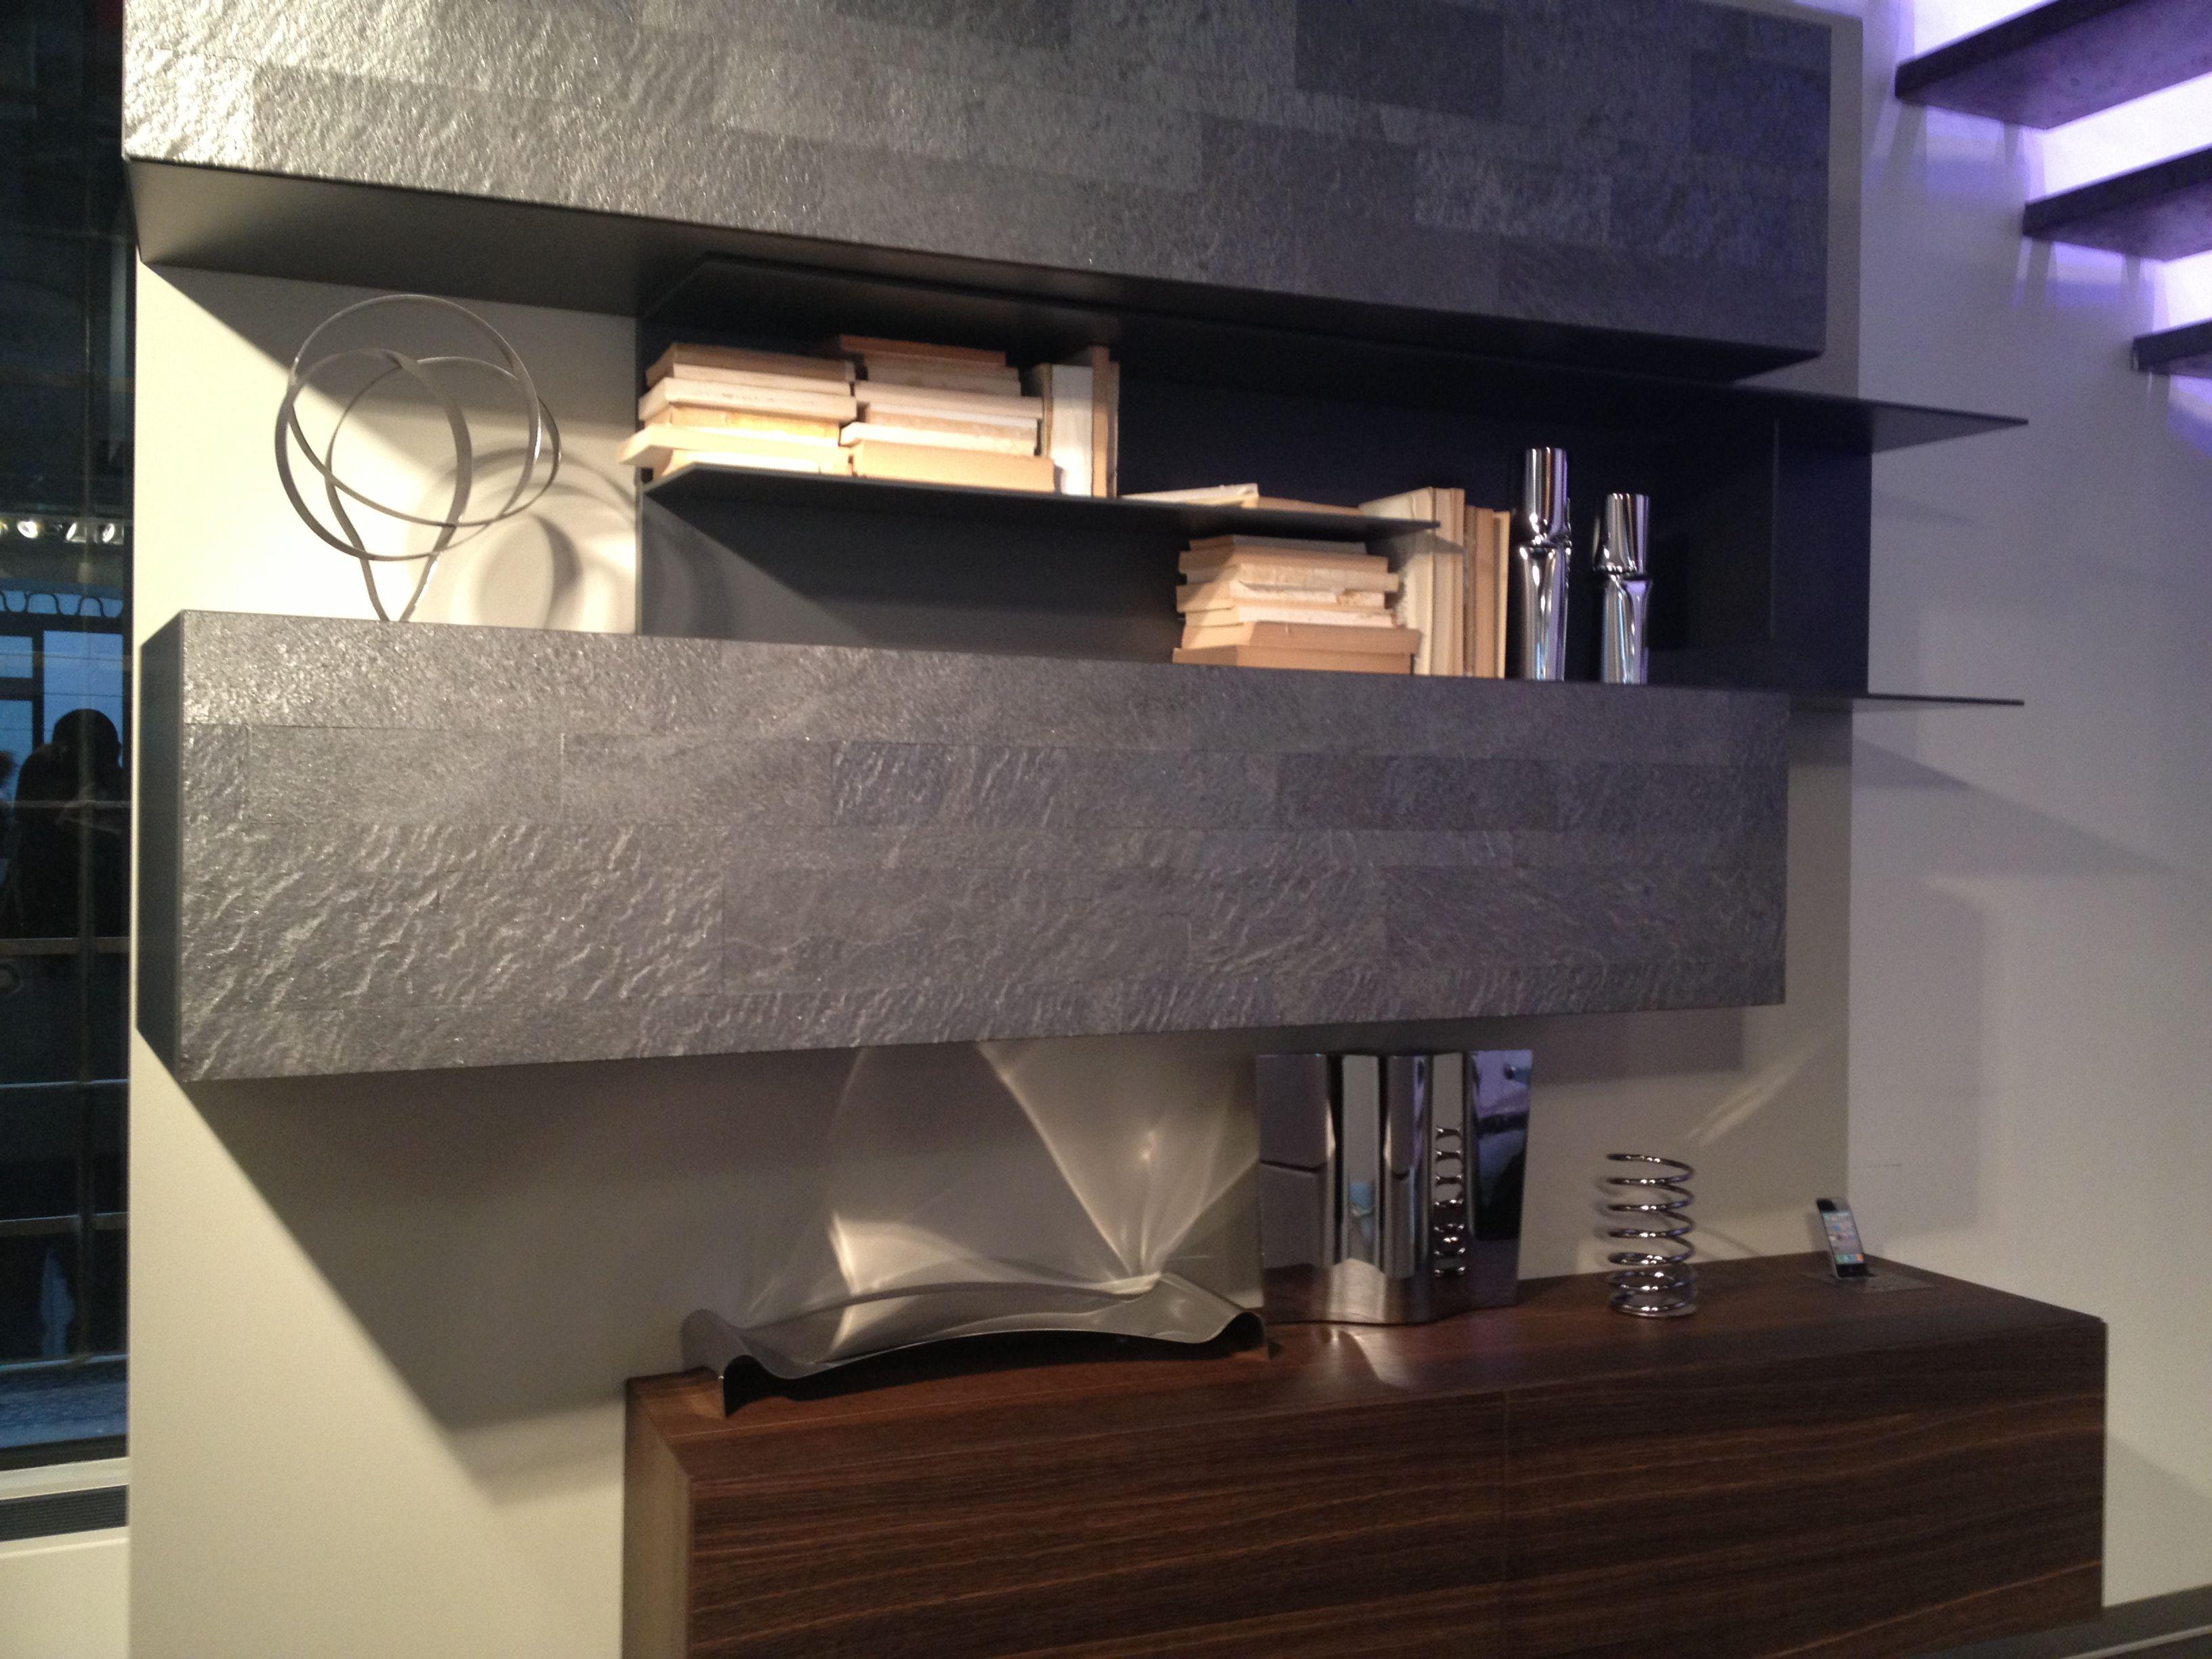 Presotto mobili slate style il sottile foglio di - Presotto mobili ...